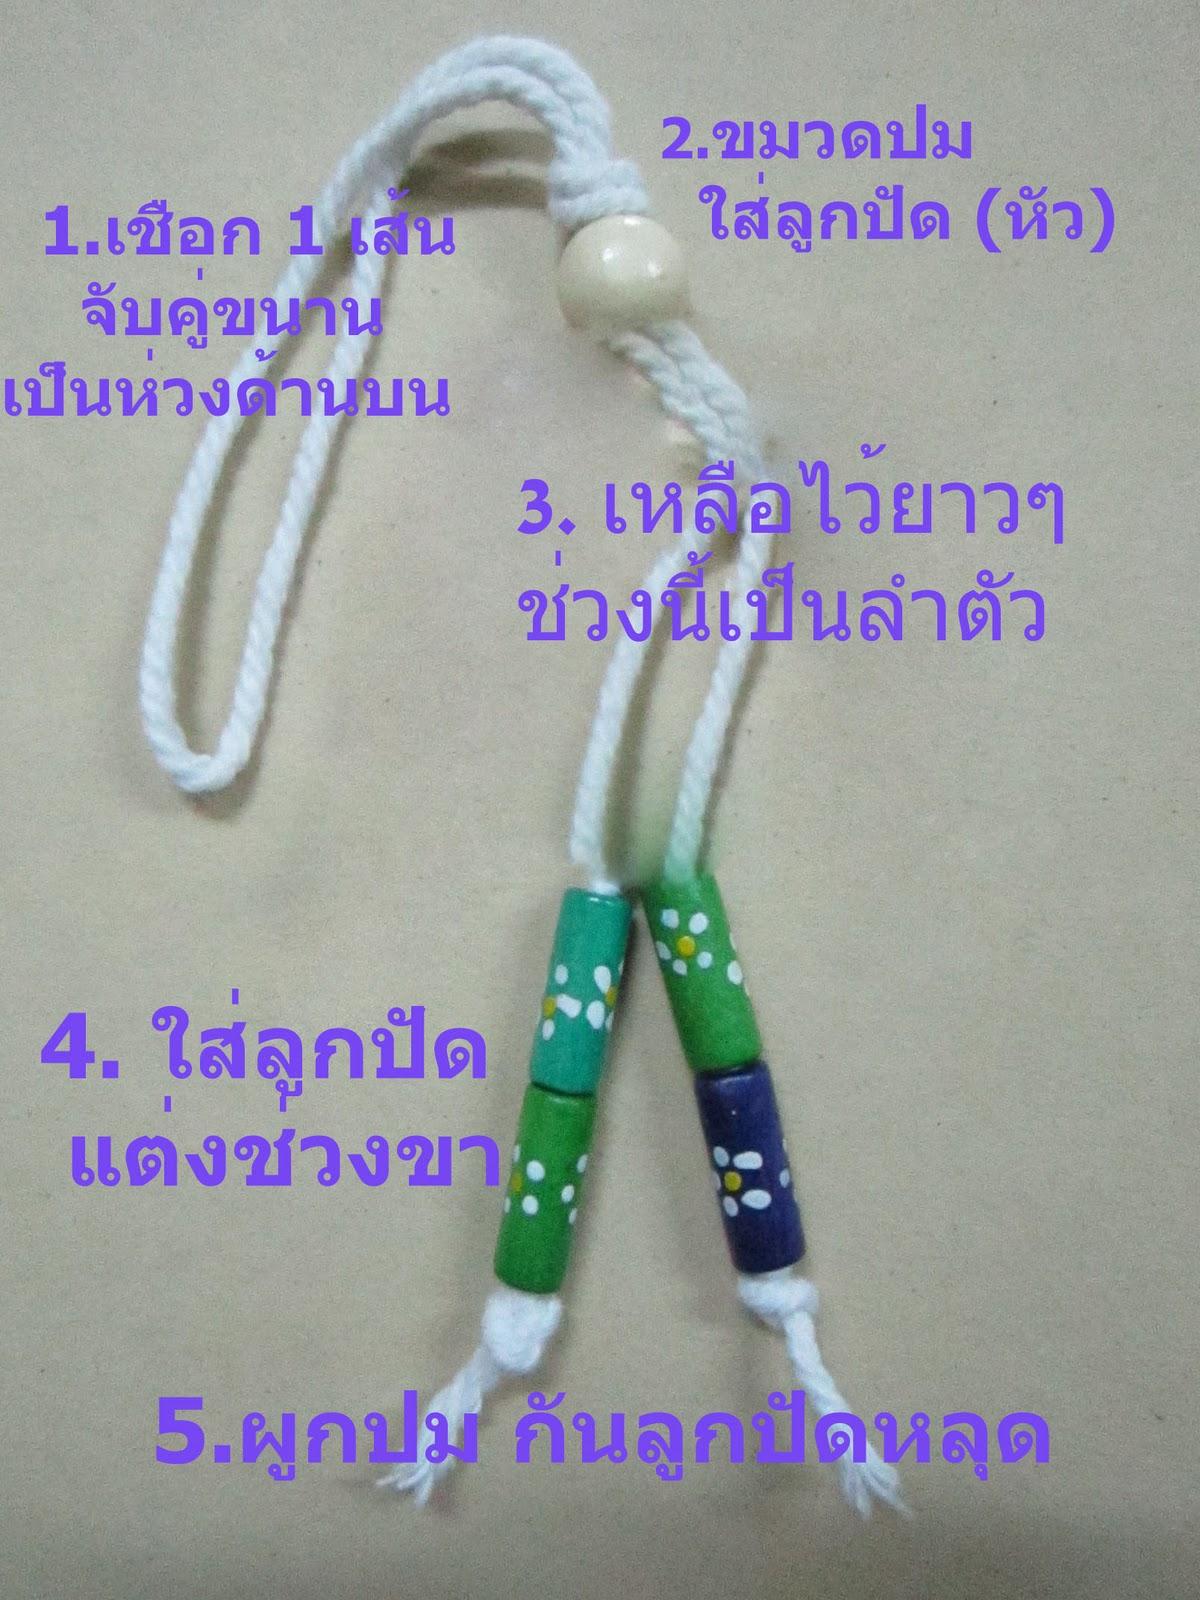 diy mecrame doll easy วิธีทำ เมคราเม่ เชือกถักมาคราเม่ งานฝีมือตุ๊กตา